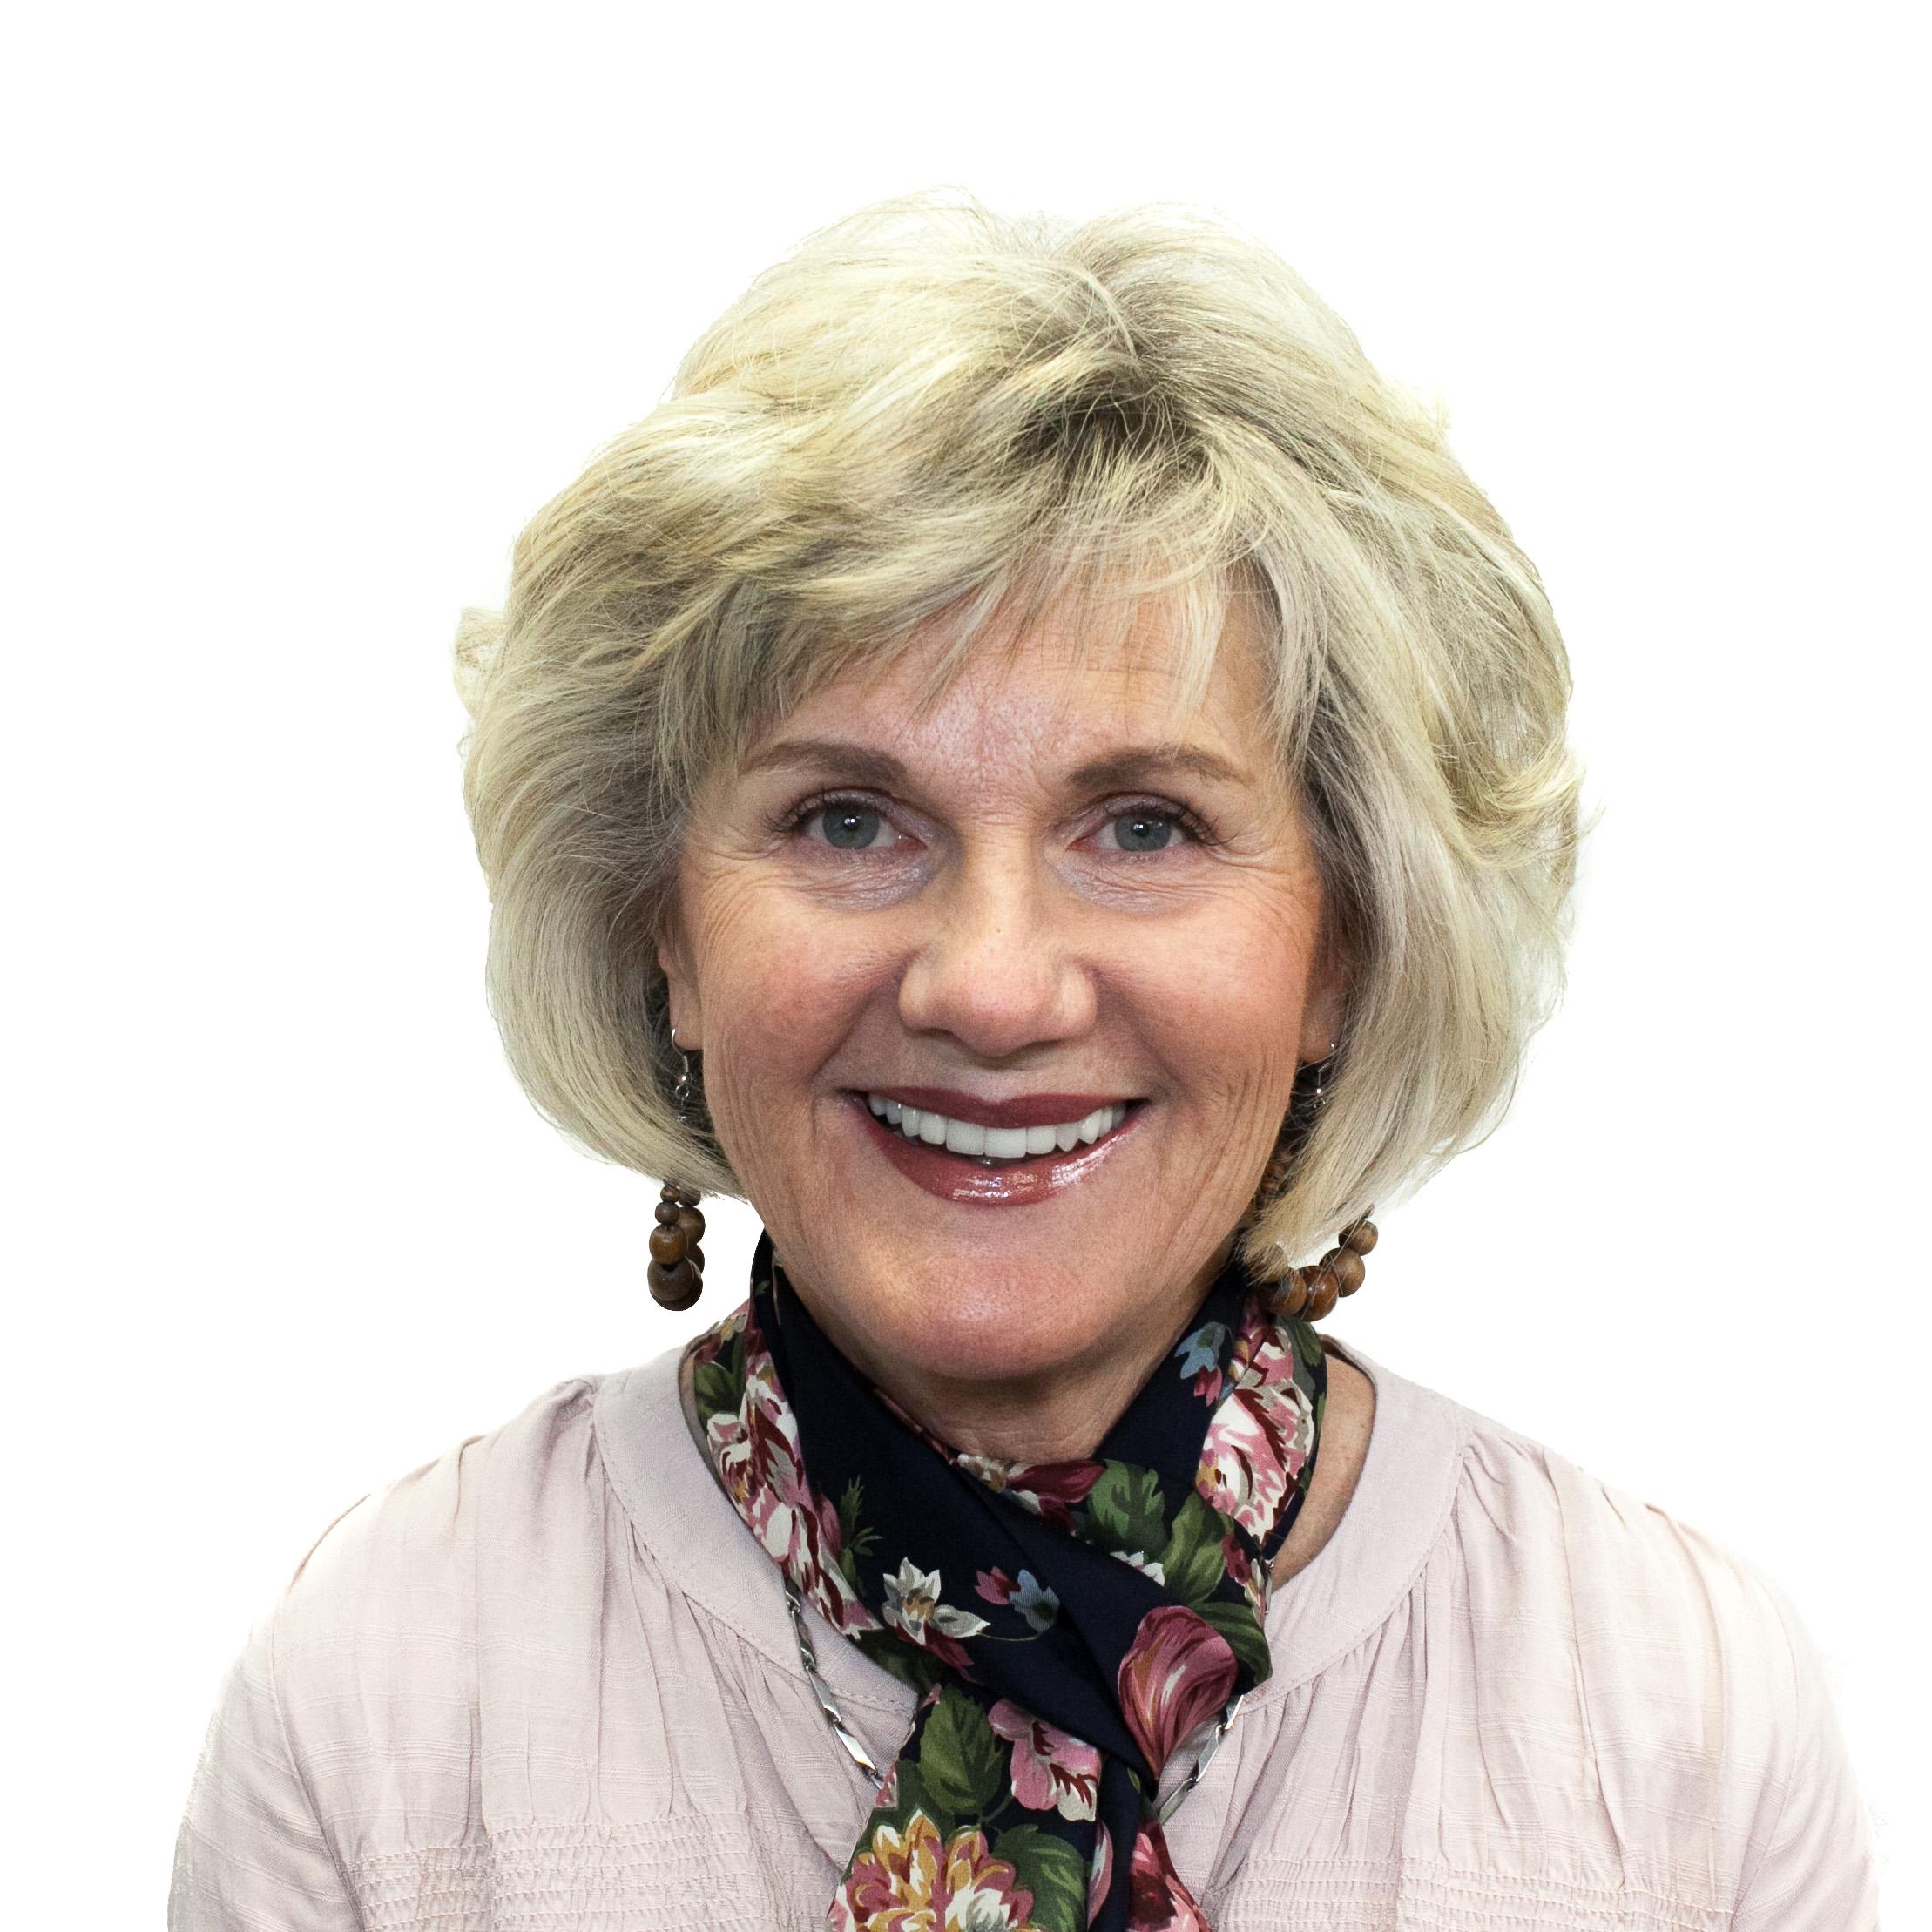 Joan Harker